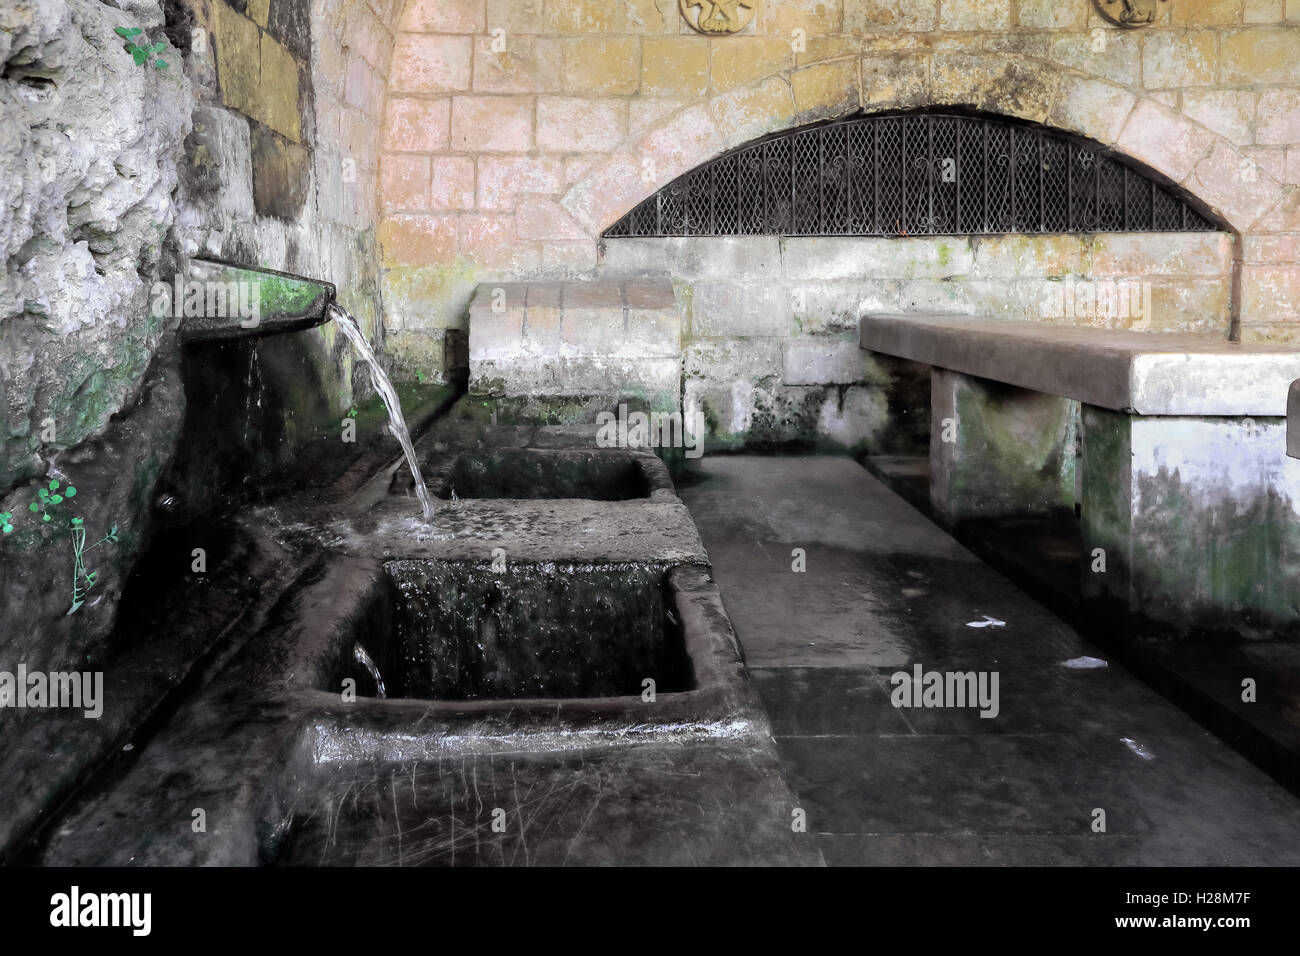 wash house, Fontana, Victoria, Gozo, Malta - Stock Image